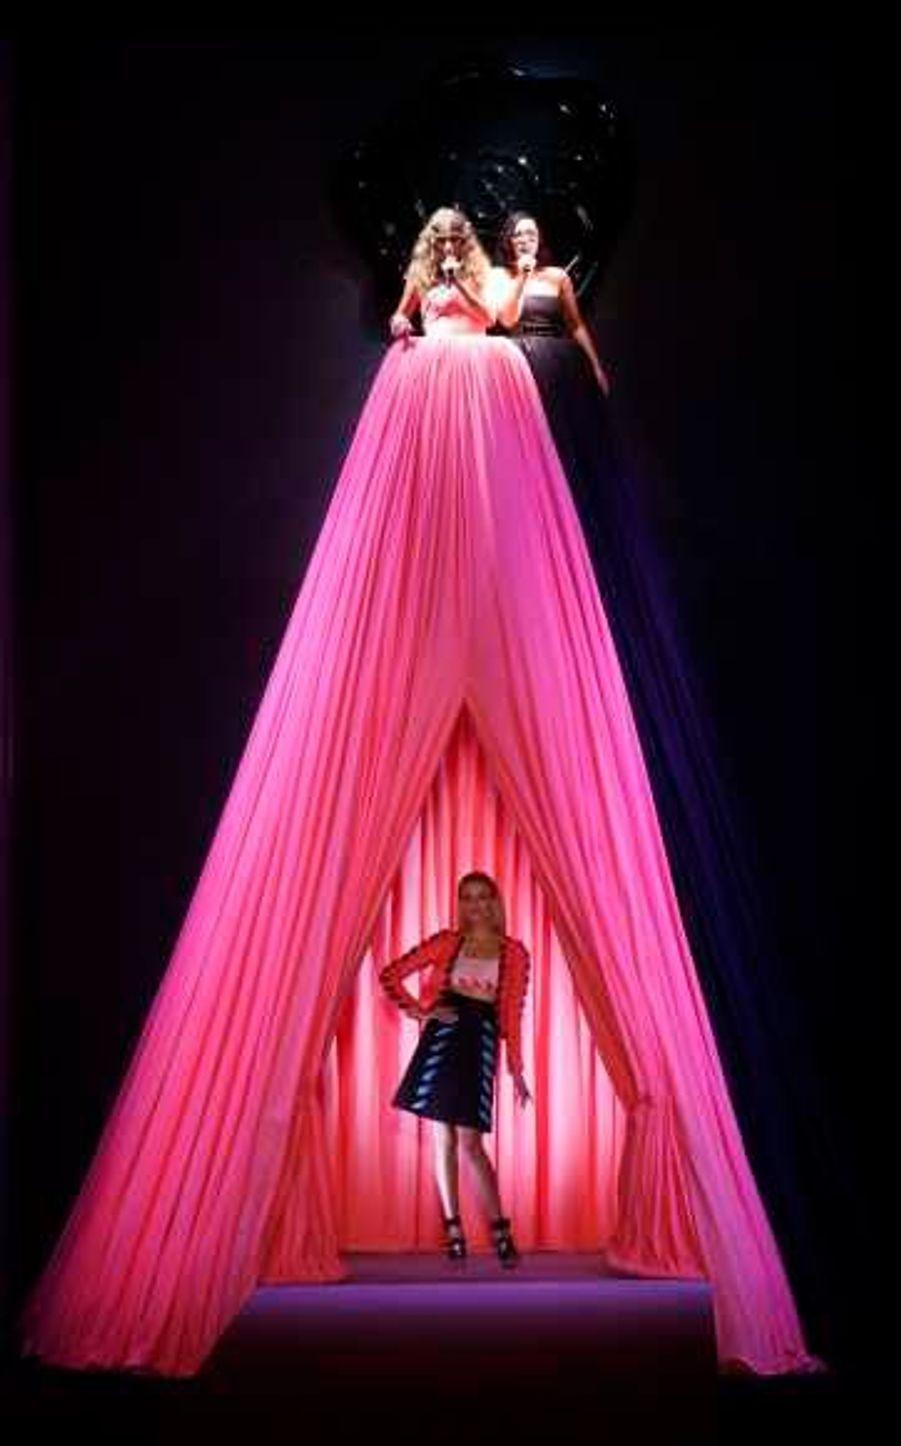 """Viktor&Rolf a misé gros sur la mise en scène, en embauchant le groupe Brigitte qui a interprété son titre """"Ma Benz"""" perché dans une robe géante servant de rideaux..."""